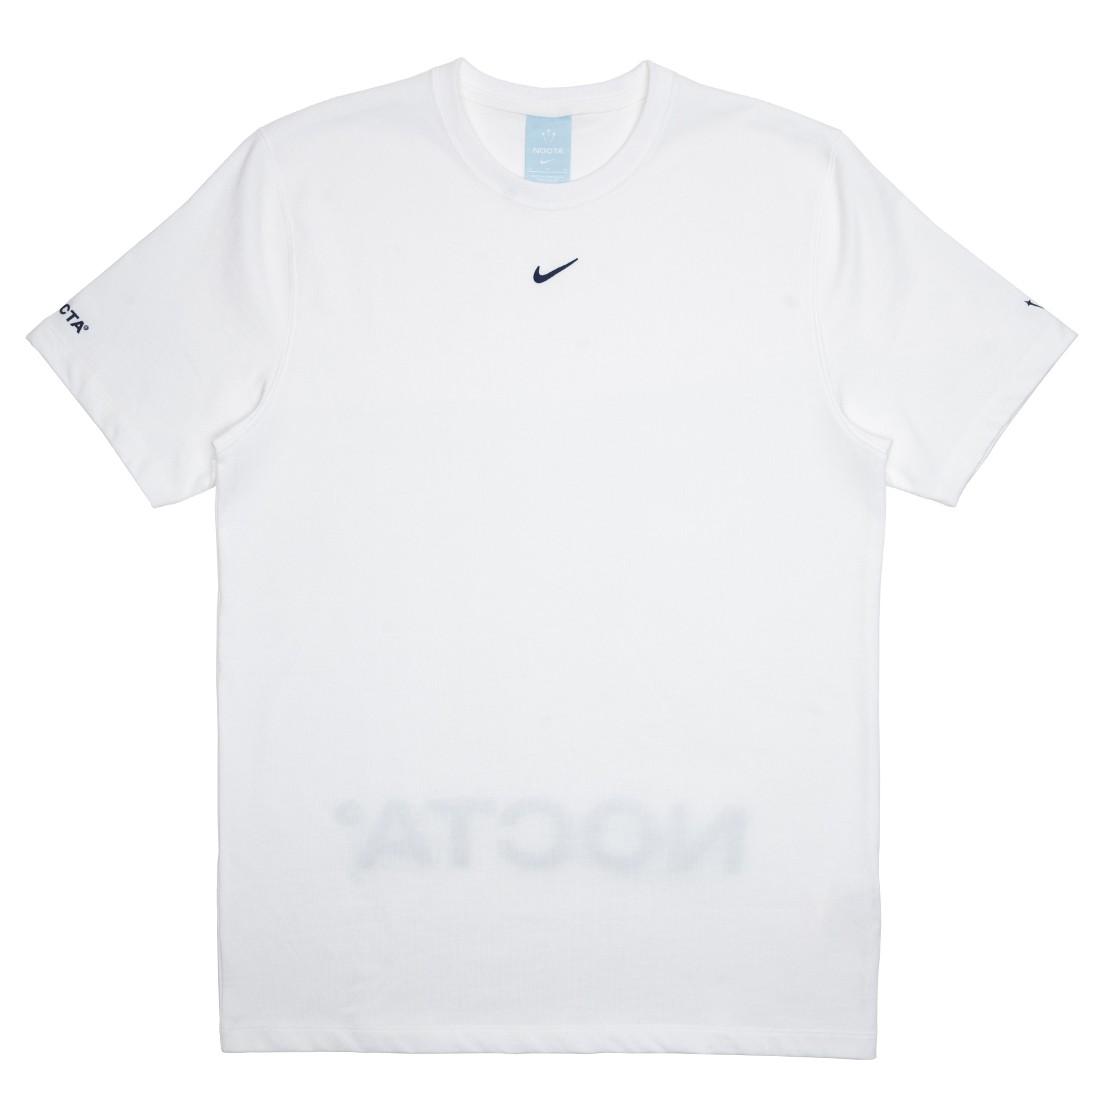 Nike Men Nocta Tee (white / blue void)